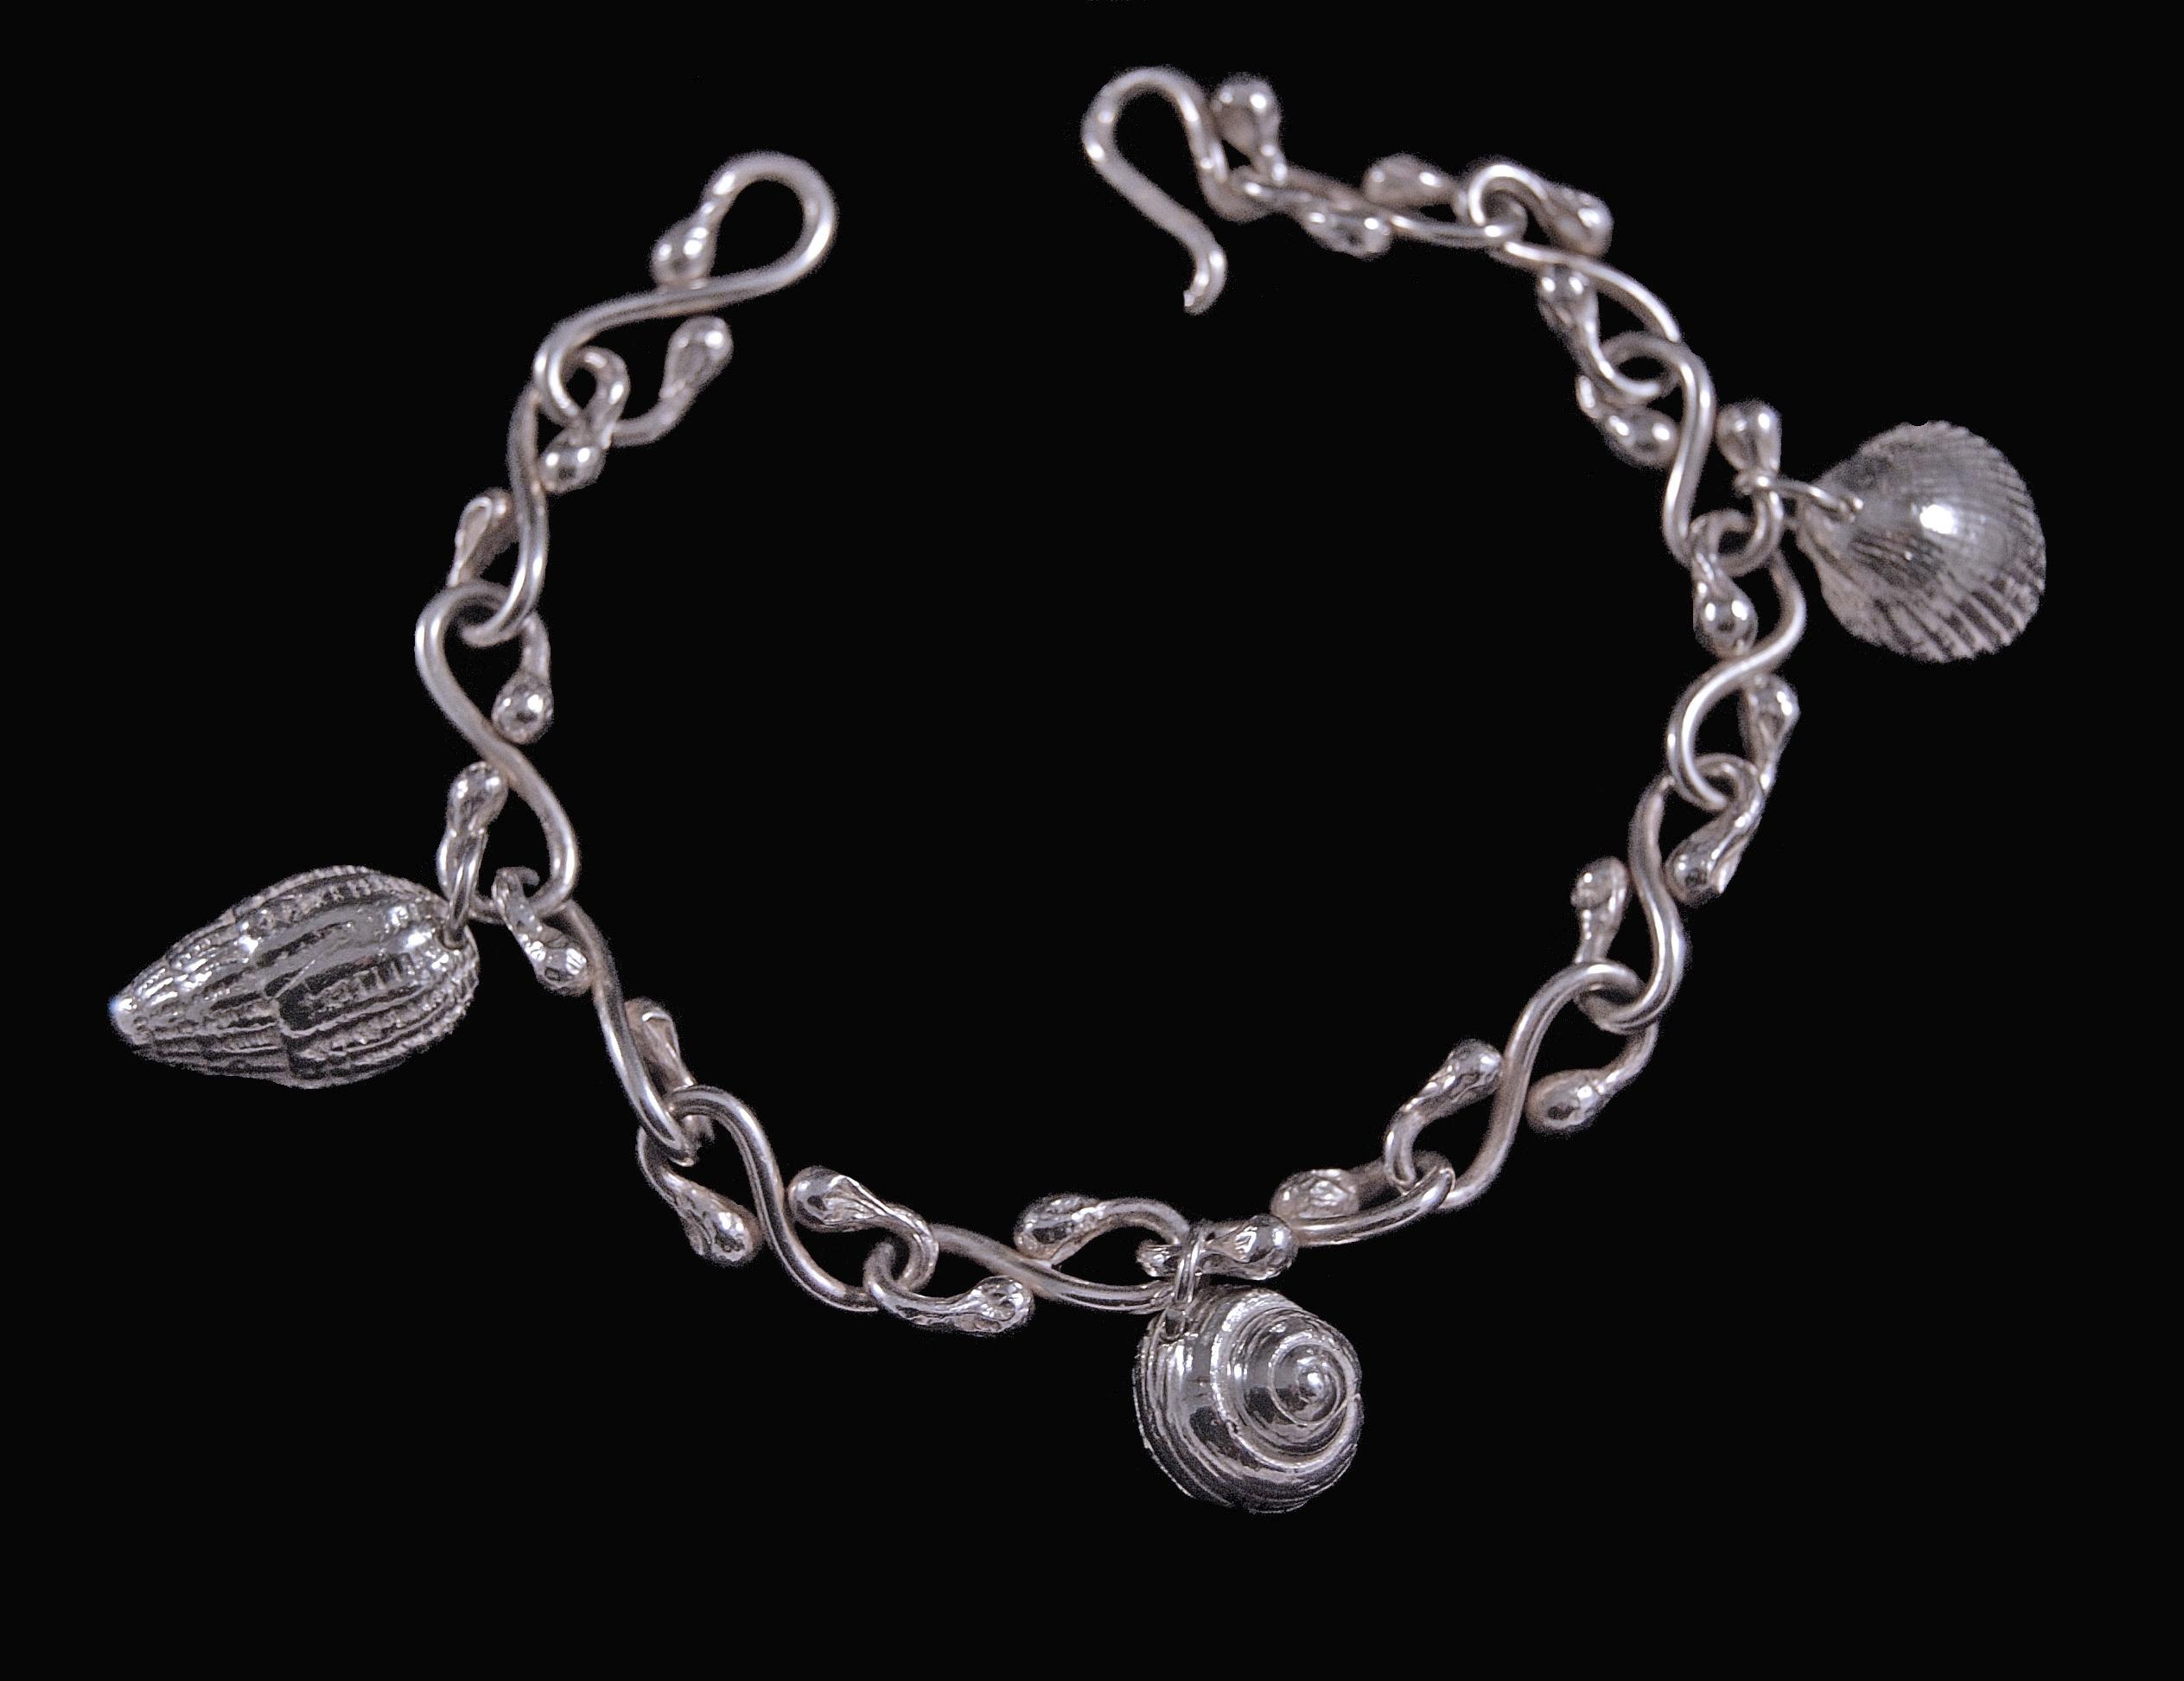 bracelet plus charms